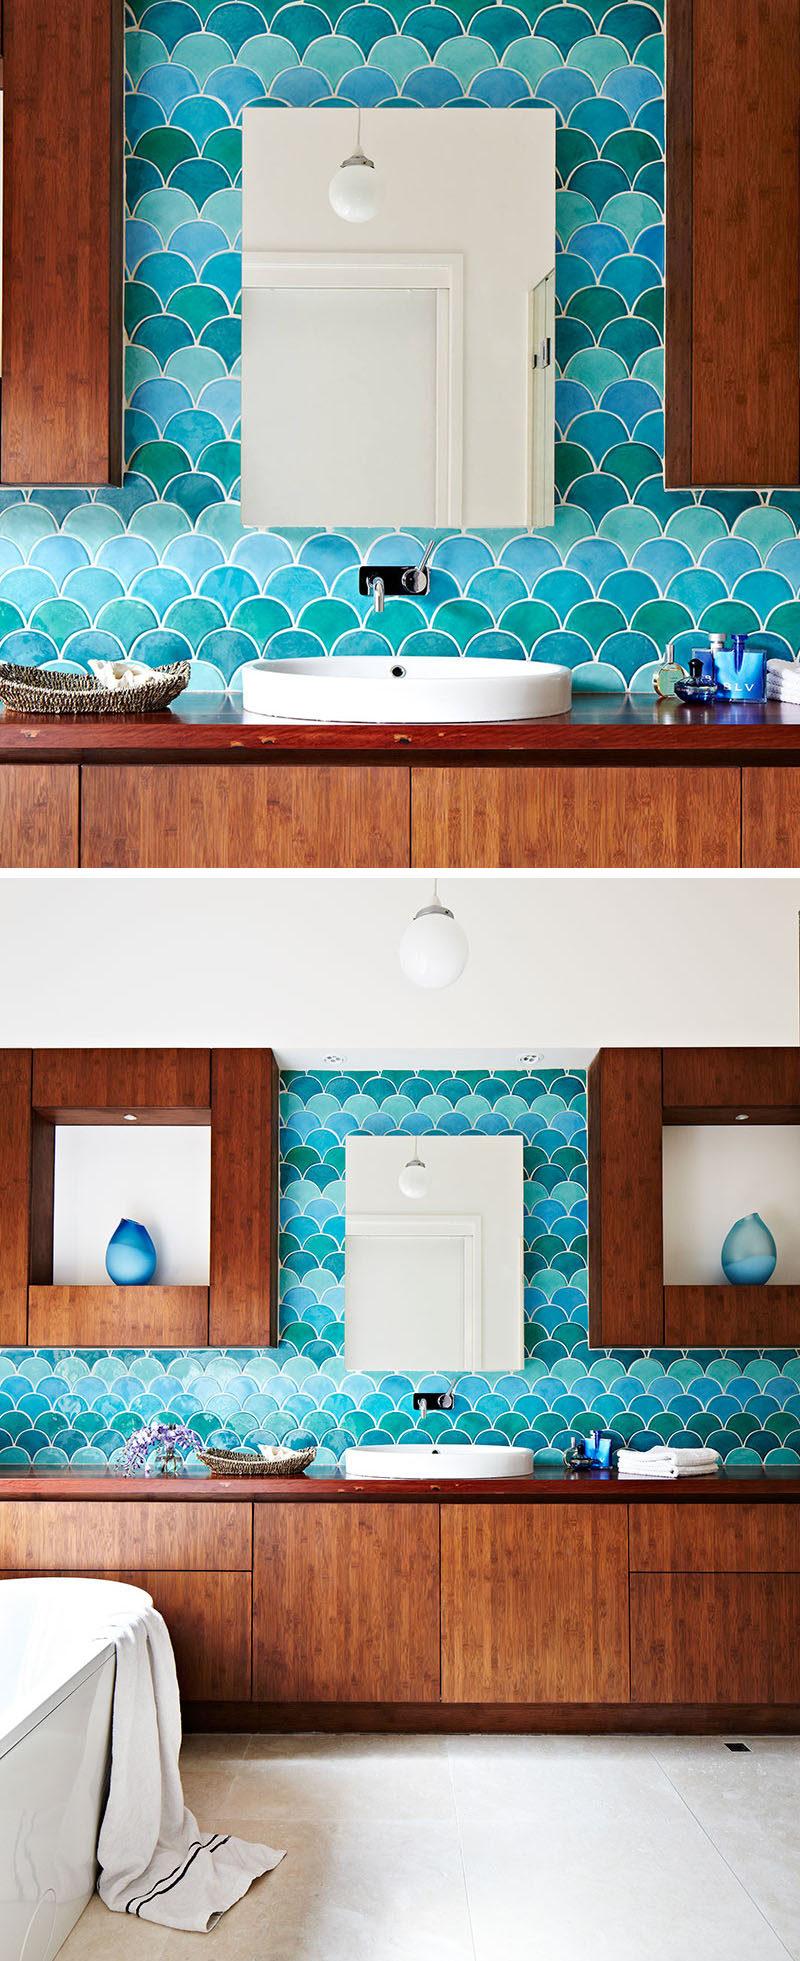 Simple  Fish Bathroom On Pinterest  Bathroom Mural Kid Bathrooms And